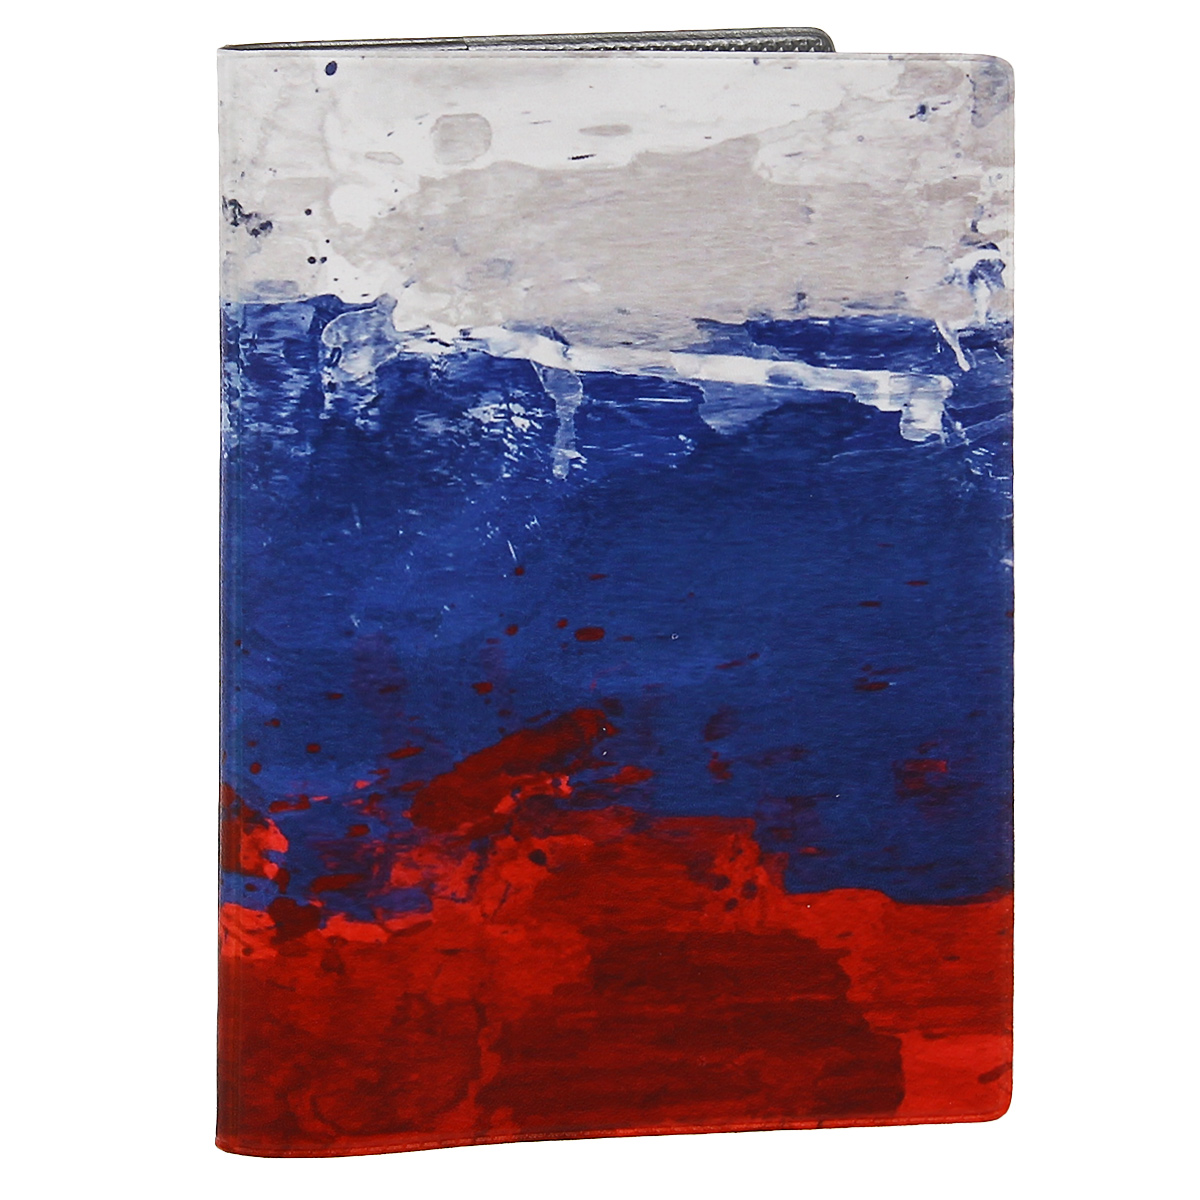 Обложка для автодокументов Флаг Российской Федерации. AUTOZAM293M110307PMОбложка для автодокументов Mitya Veselkov Флаг Российской Федерации изготовлена из прочного ПВХ и стилизована под нарисованный красками флаг Российской Федерации. На внутреннем развороте имеются съемный блок из шести прозрачных файлов из мягкого пластика для водительских документов, один из которых формата А5, а также два боковых кармашка для визиток или банковских карт.Стильная обложка не только поможет сохранить внешний вид ваших документов и защитит их от грязи и пыли, но и станет аксессуаром, который подчеркнет вашу яркую индивидуальность.